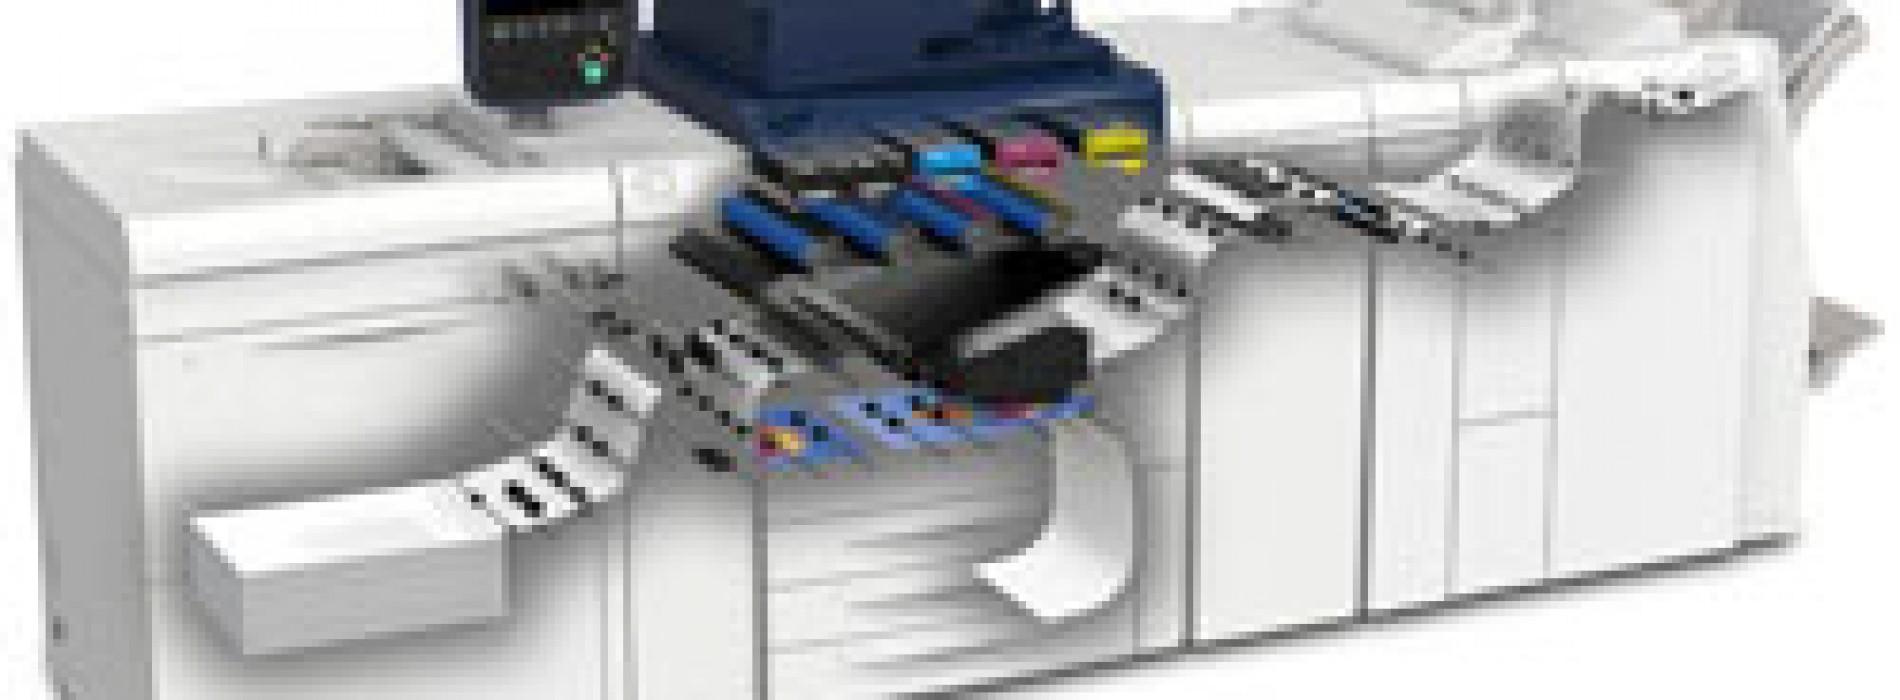 Versant 80 Press para potenciar mercado gráfico